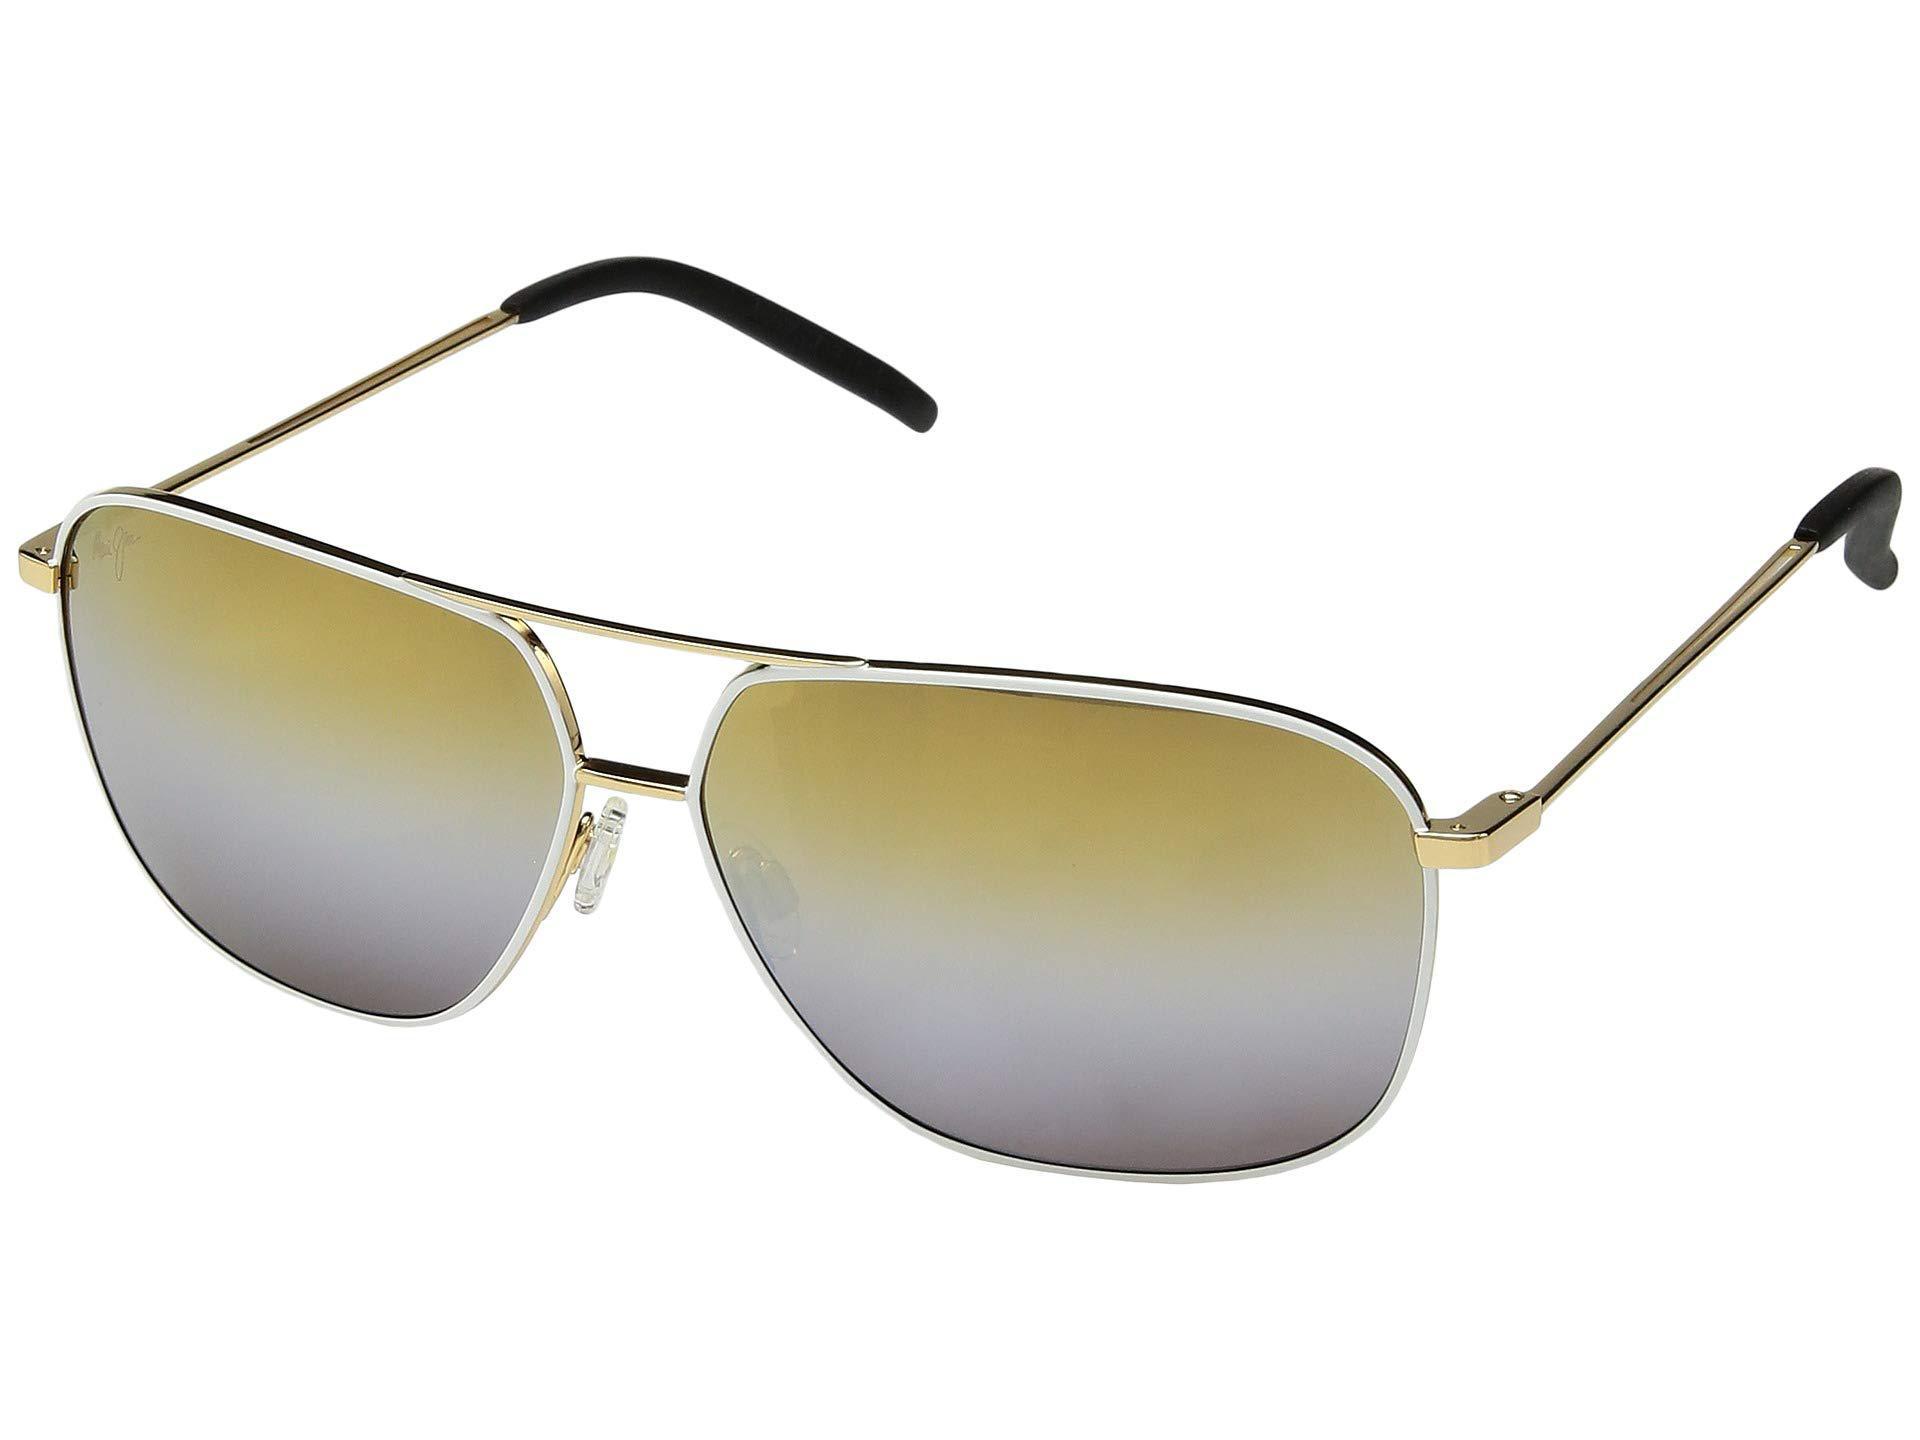 37f74f5d2d67a Lyst - Maui Jim Kami (gunmetal dual Mirror(silver To Black Over ...